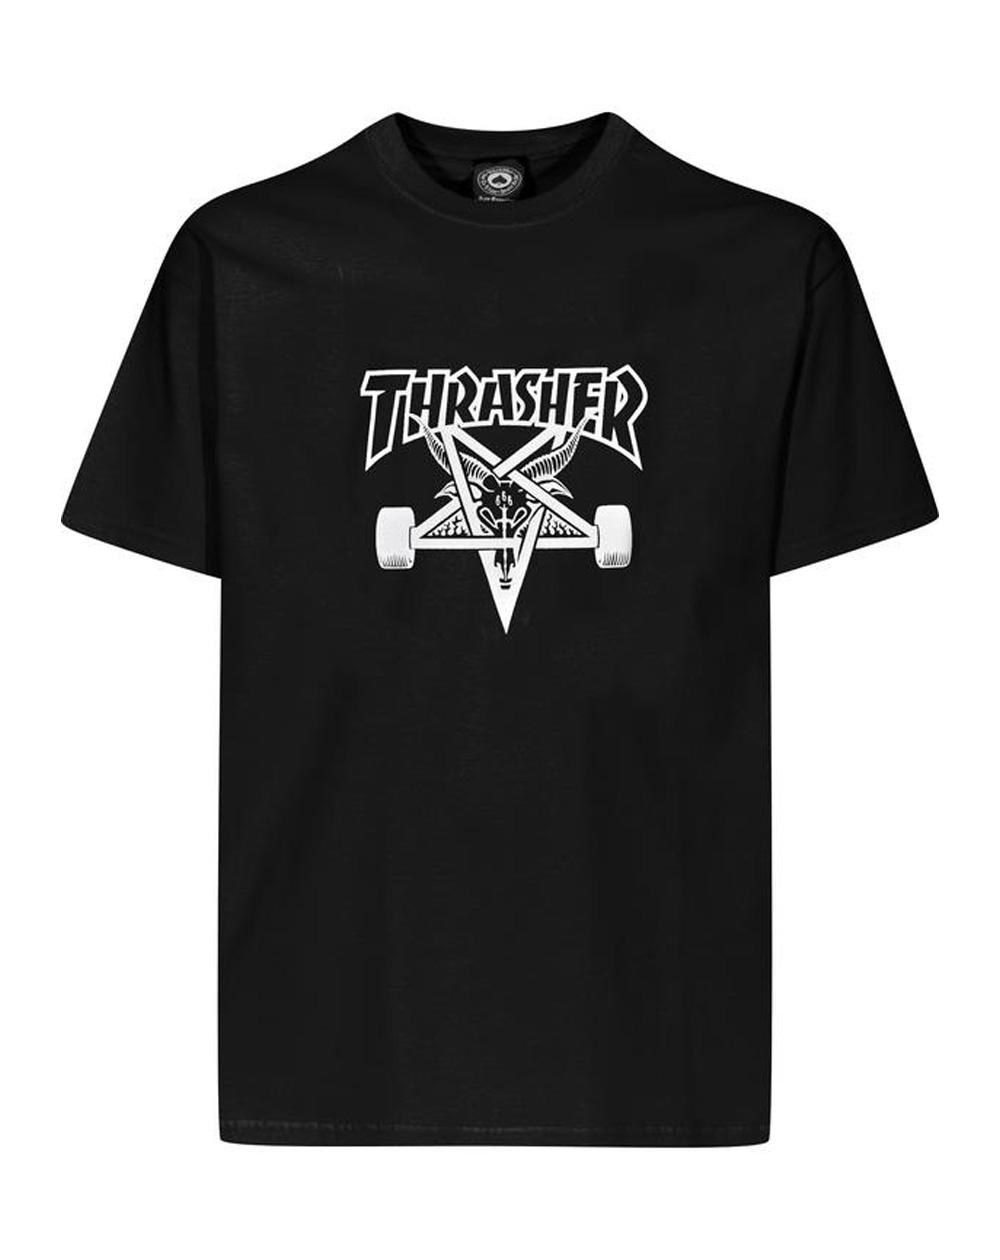 Thrasher Men's T-Shirt Skate Goat Black